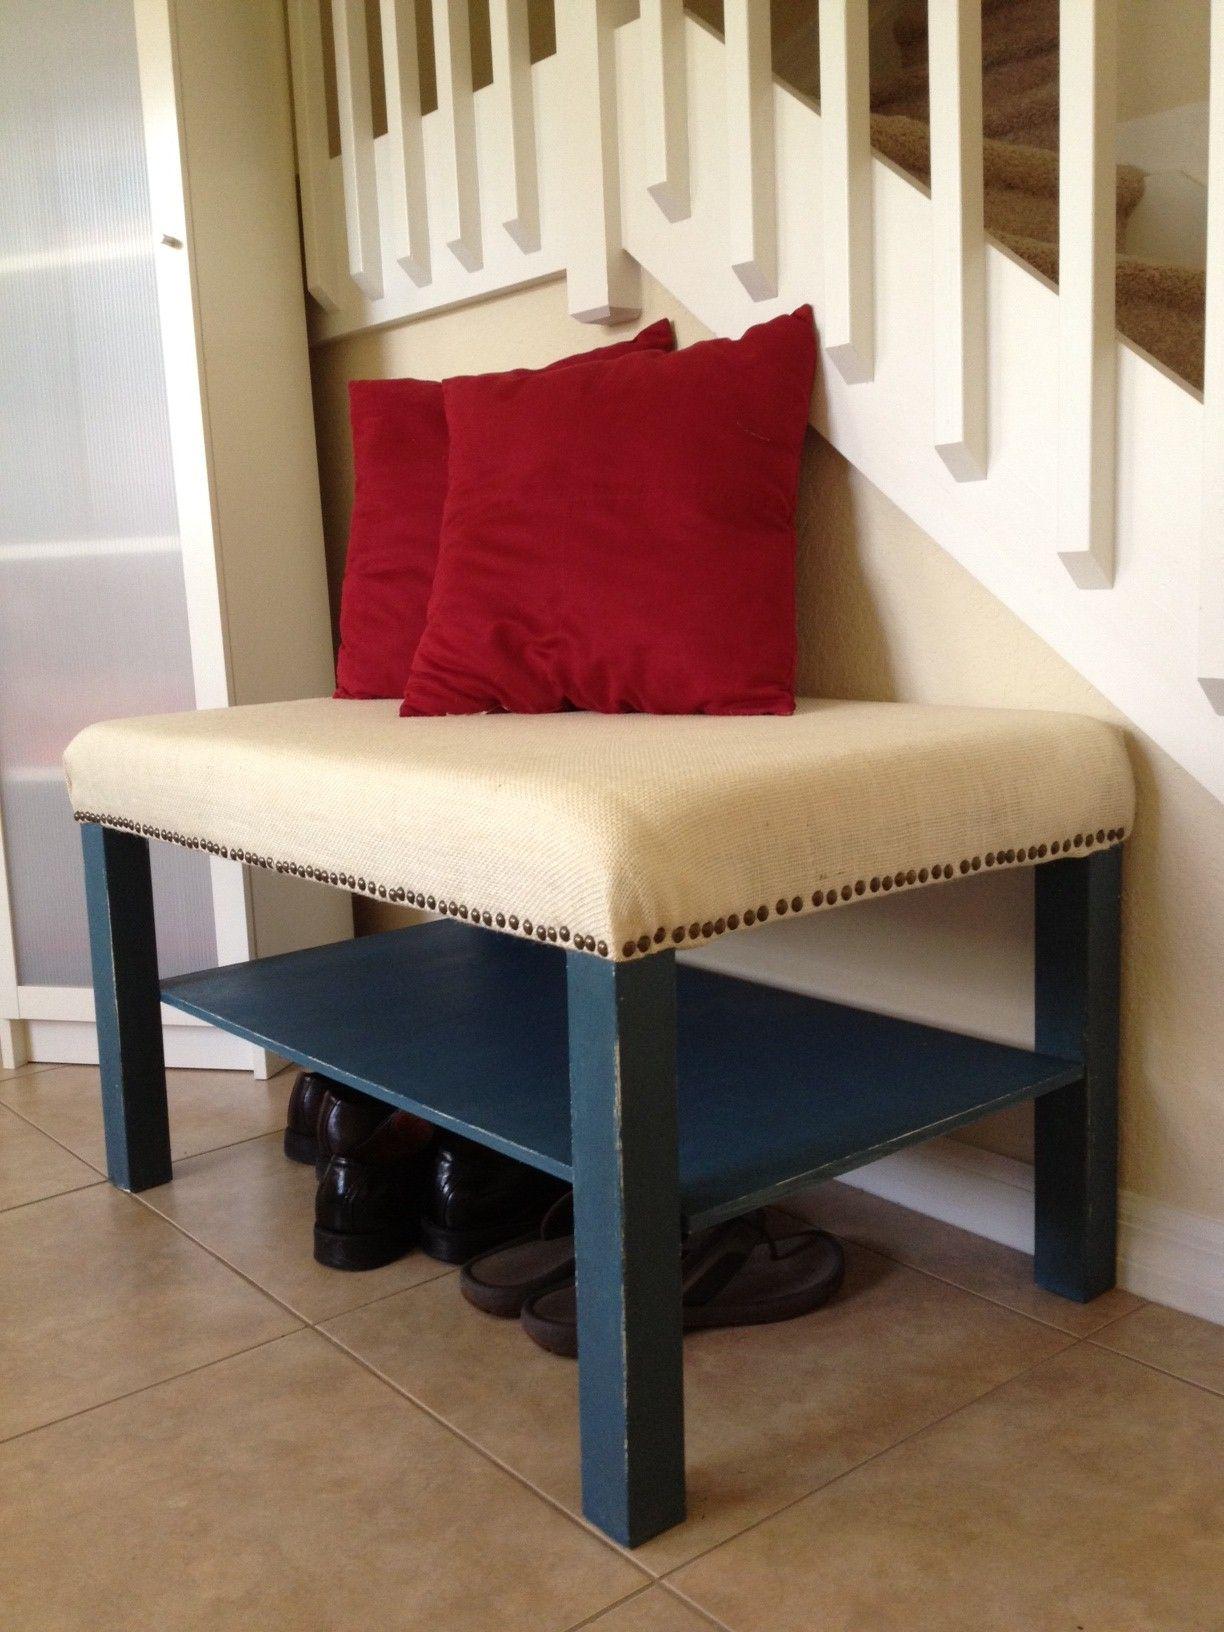 Ikea Lack Coffee Table Transformed! Ikea lack table